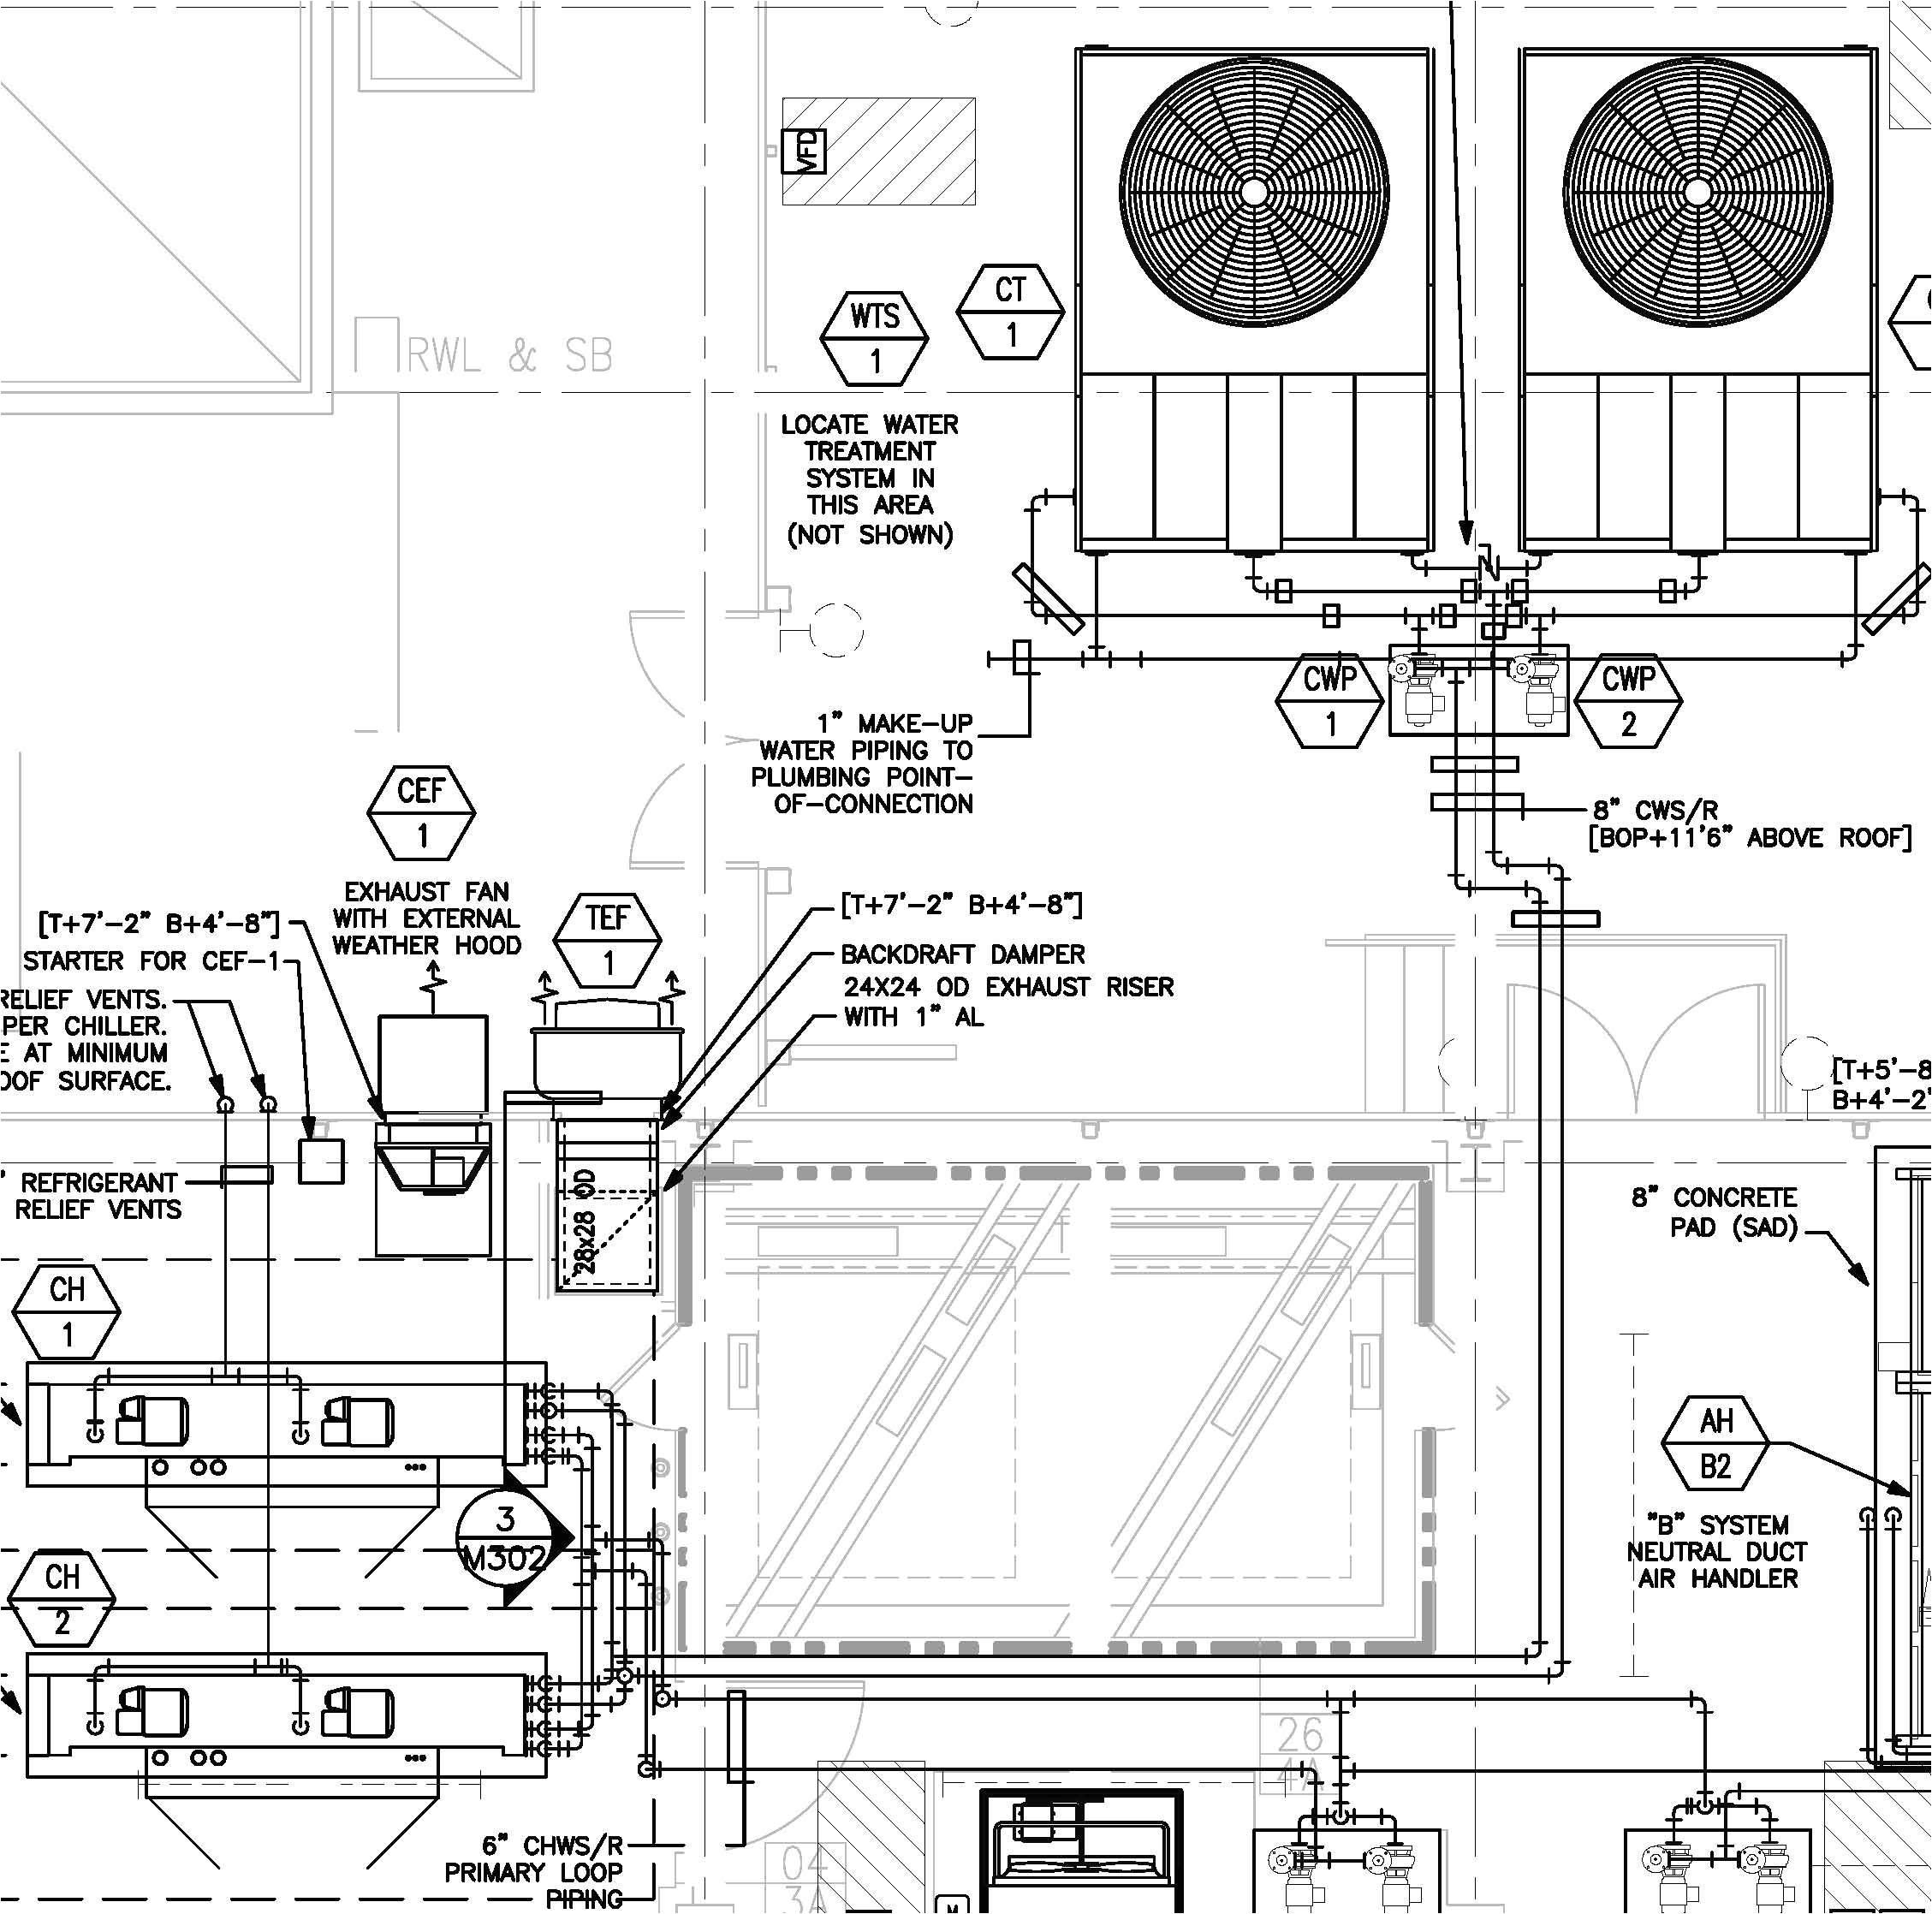 d39 komatsu wiring diagram data schematic diagram d39 komatsu wiring diagram